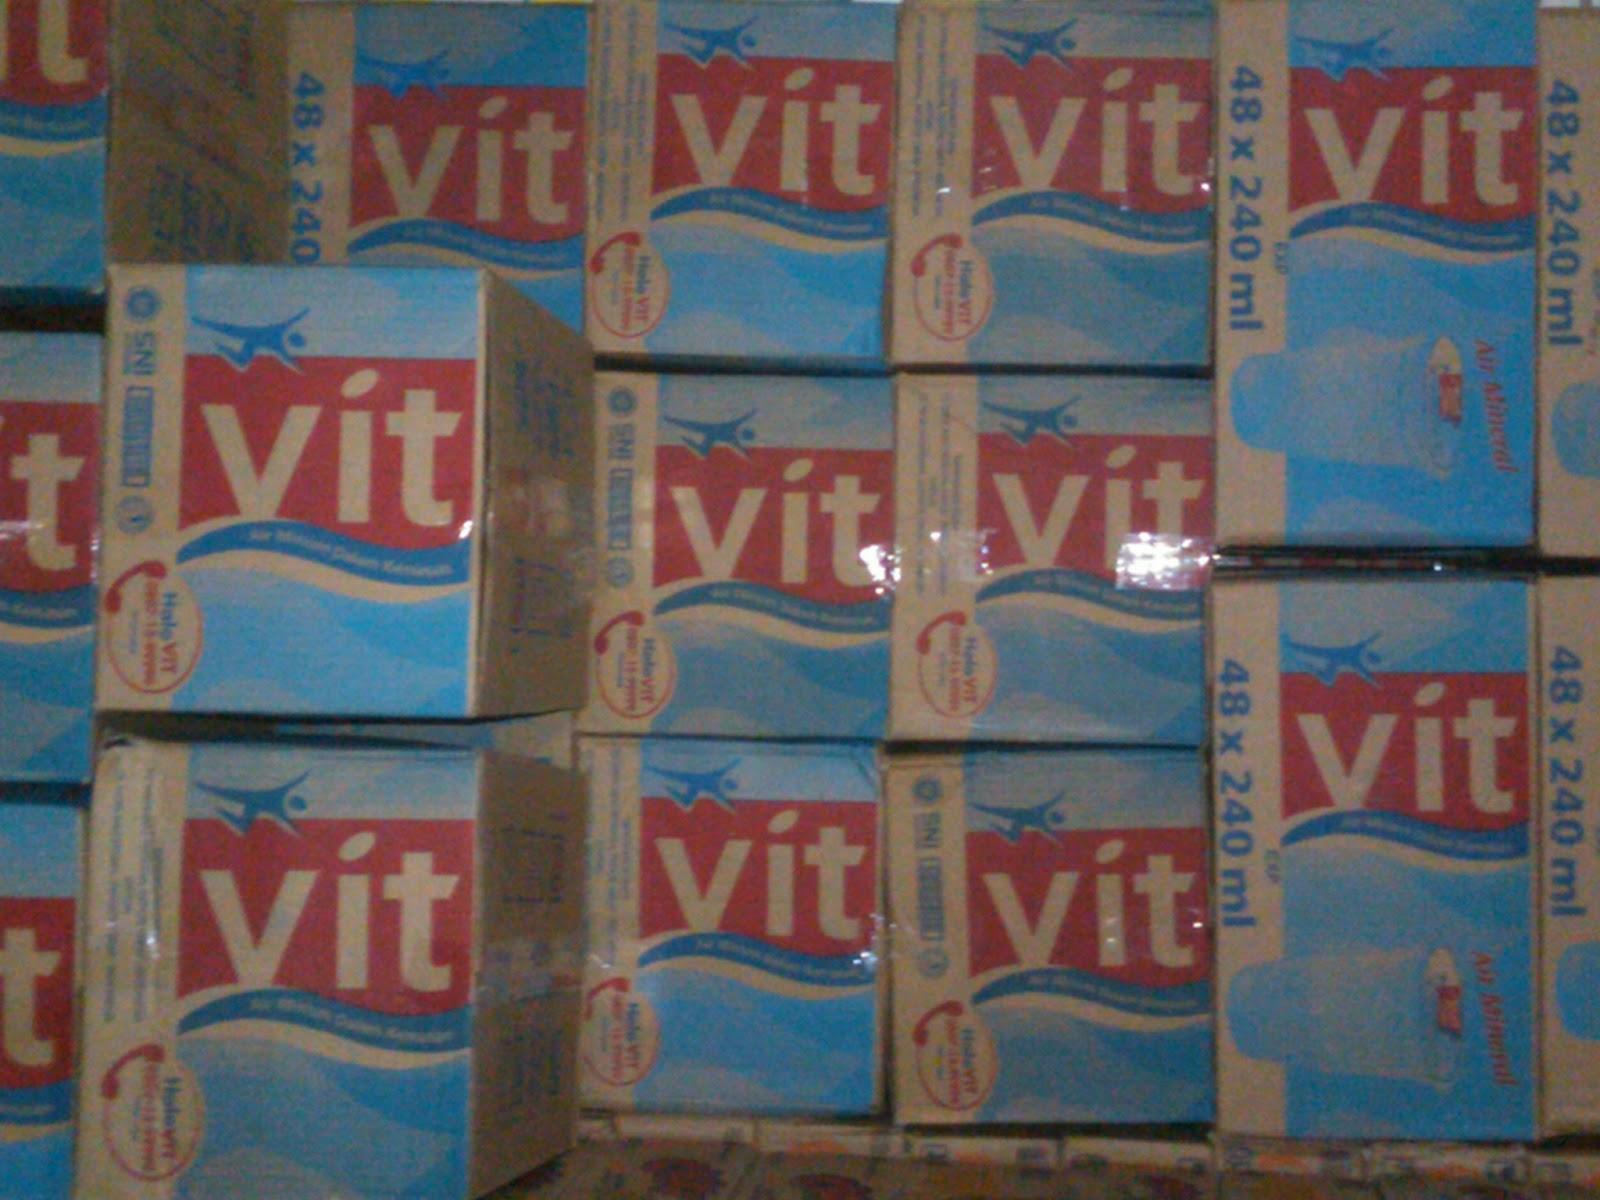 VIT Luncurkan Kembali Merek Air Minum Dalam Kemasan